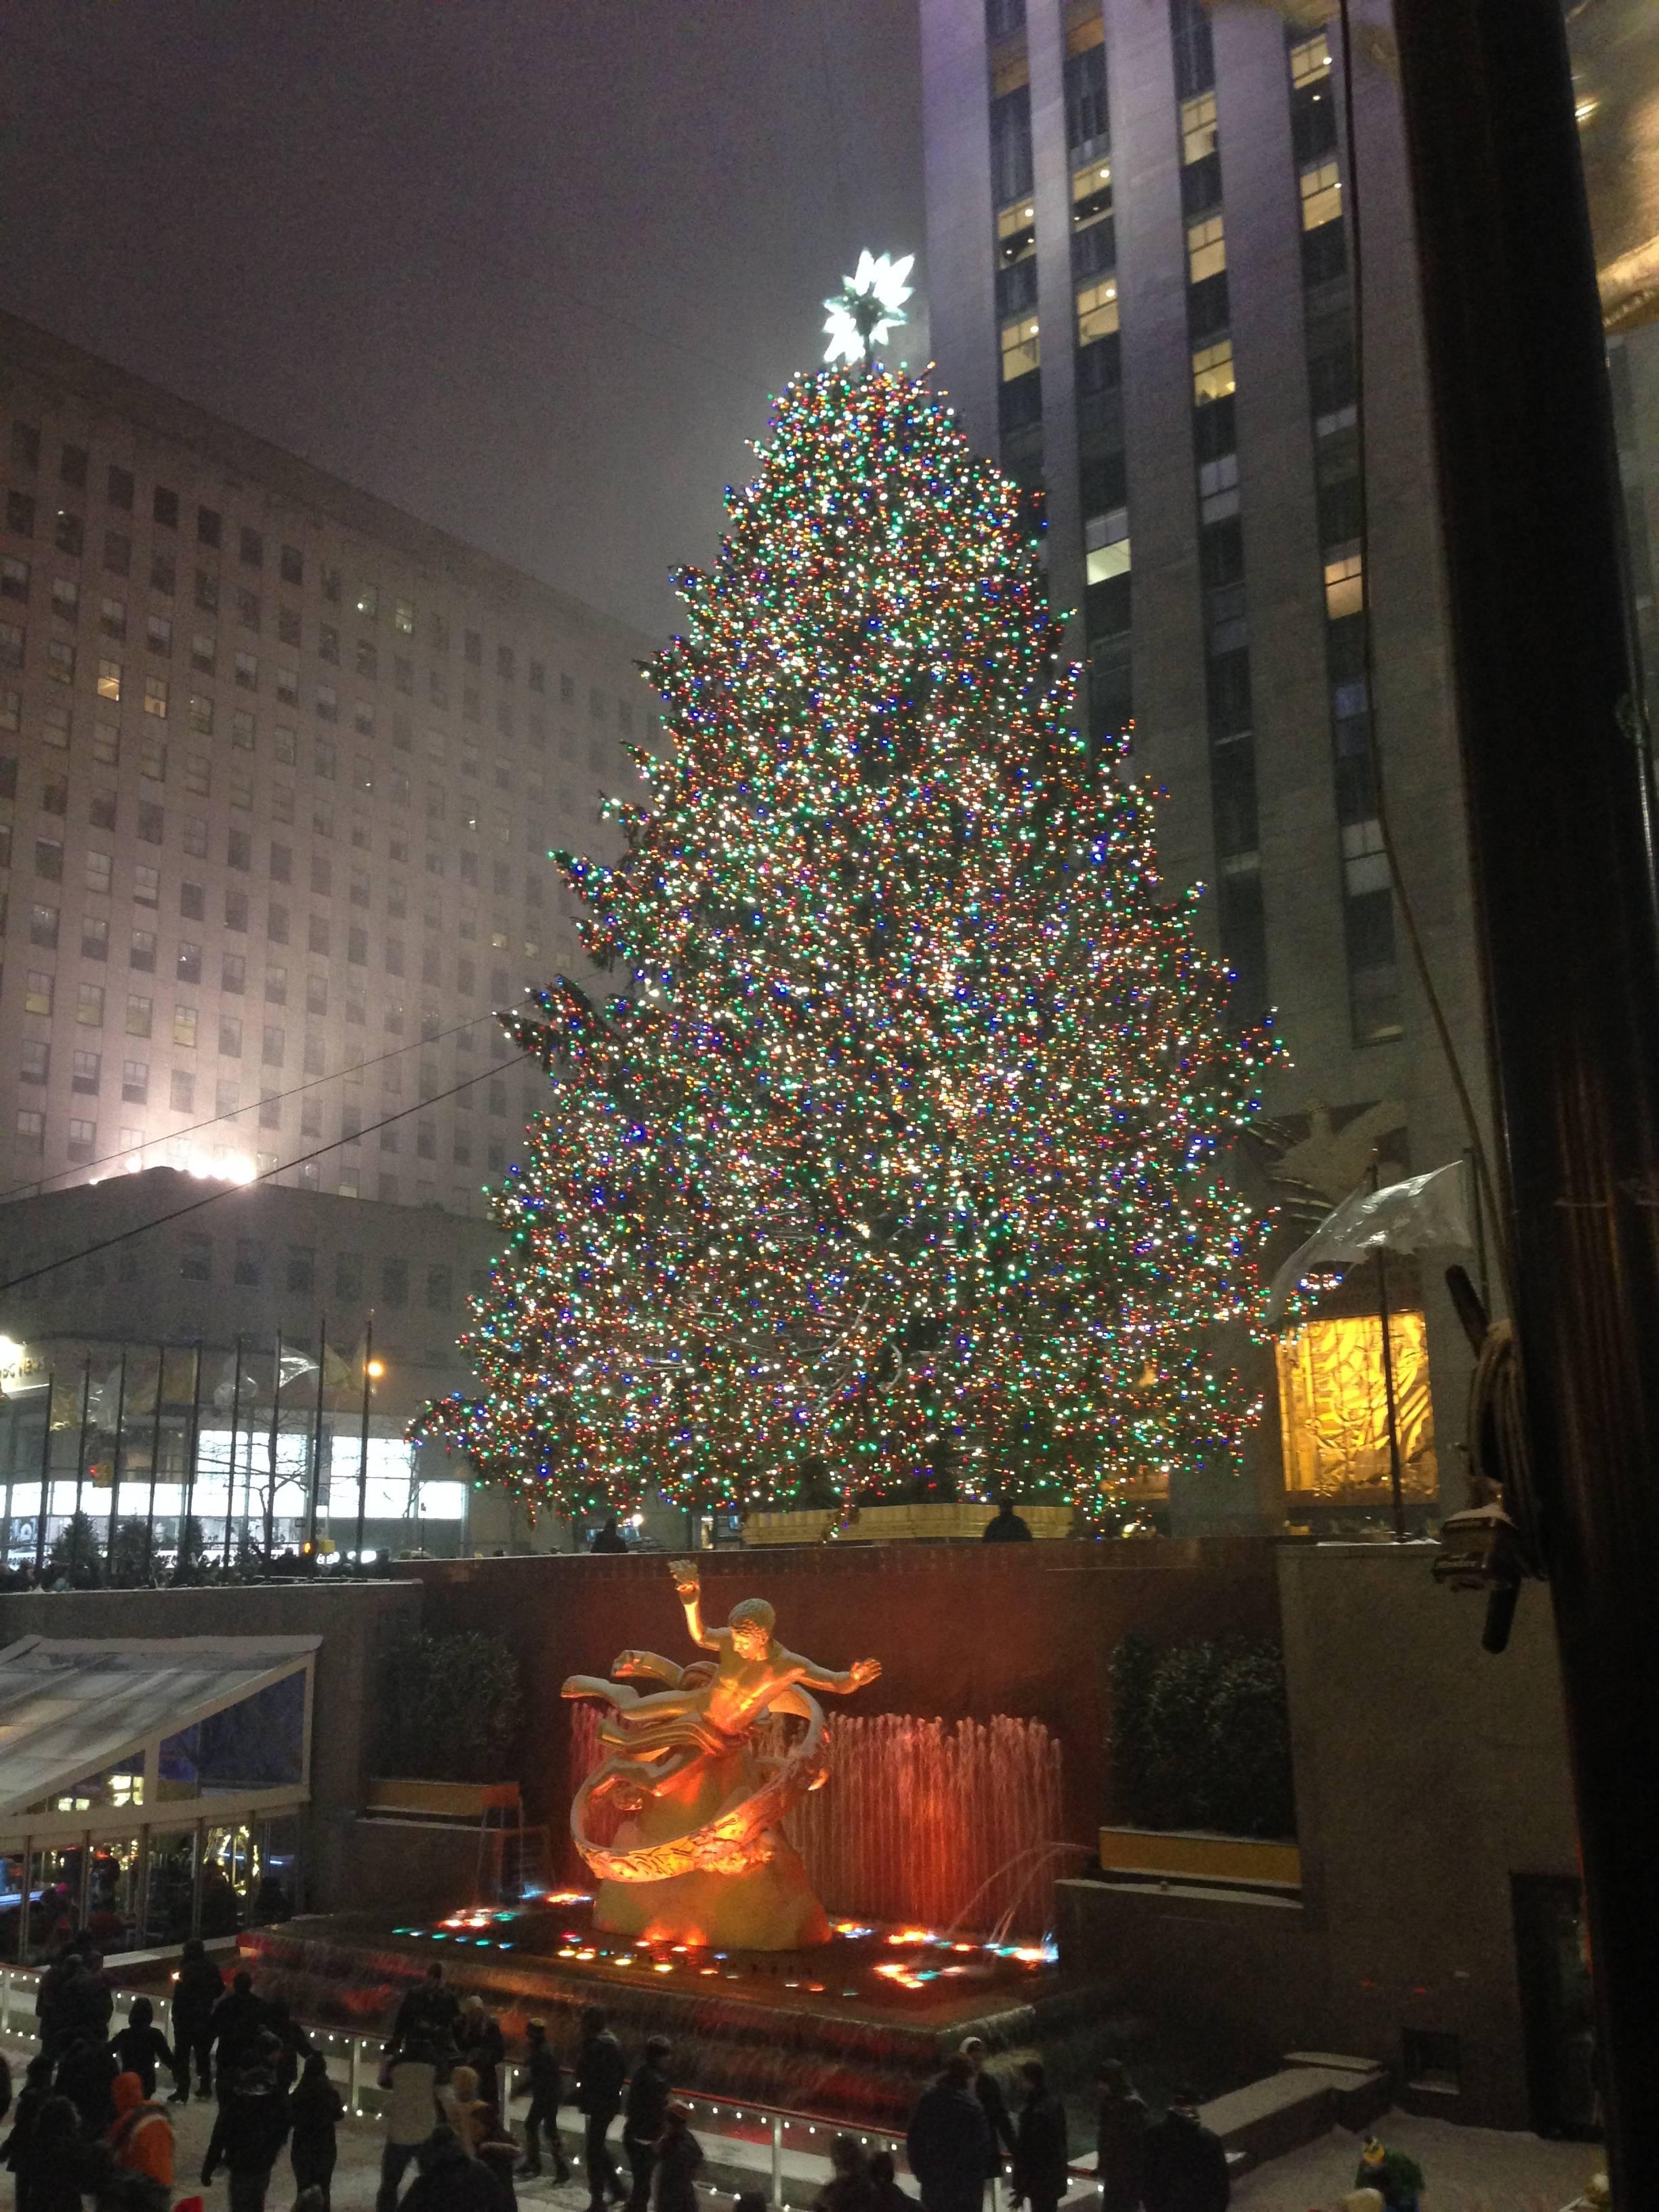 Photo 1: Le sapin du Rockefeller Center